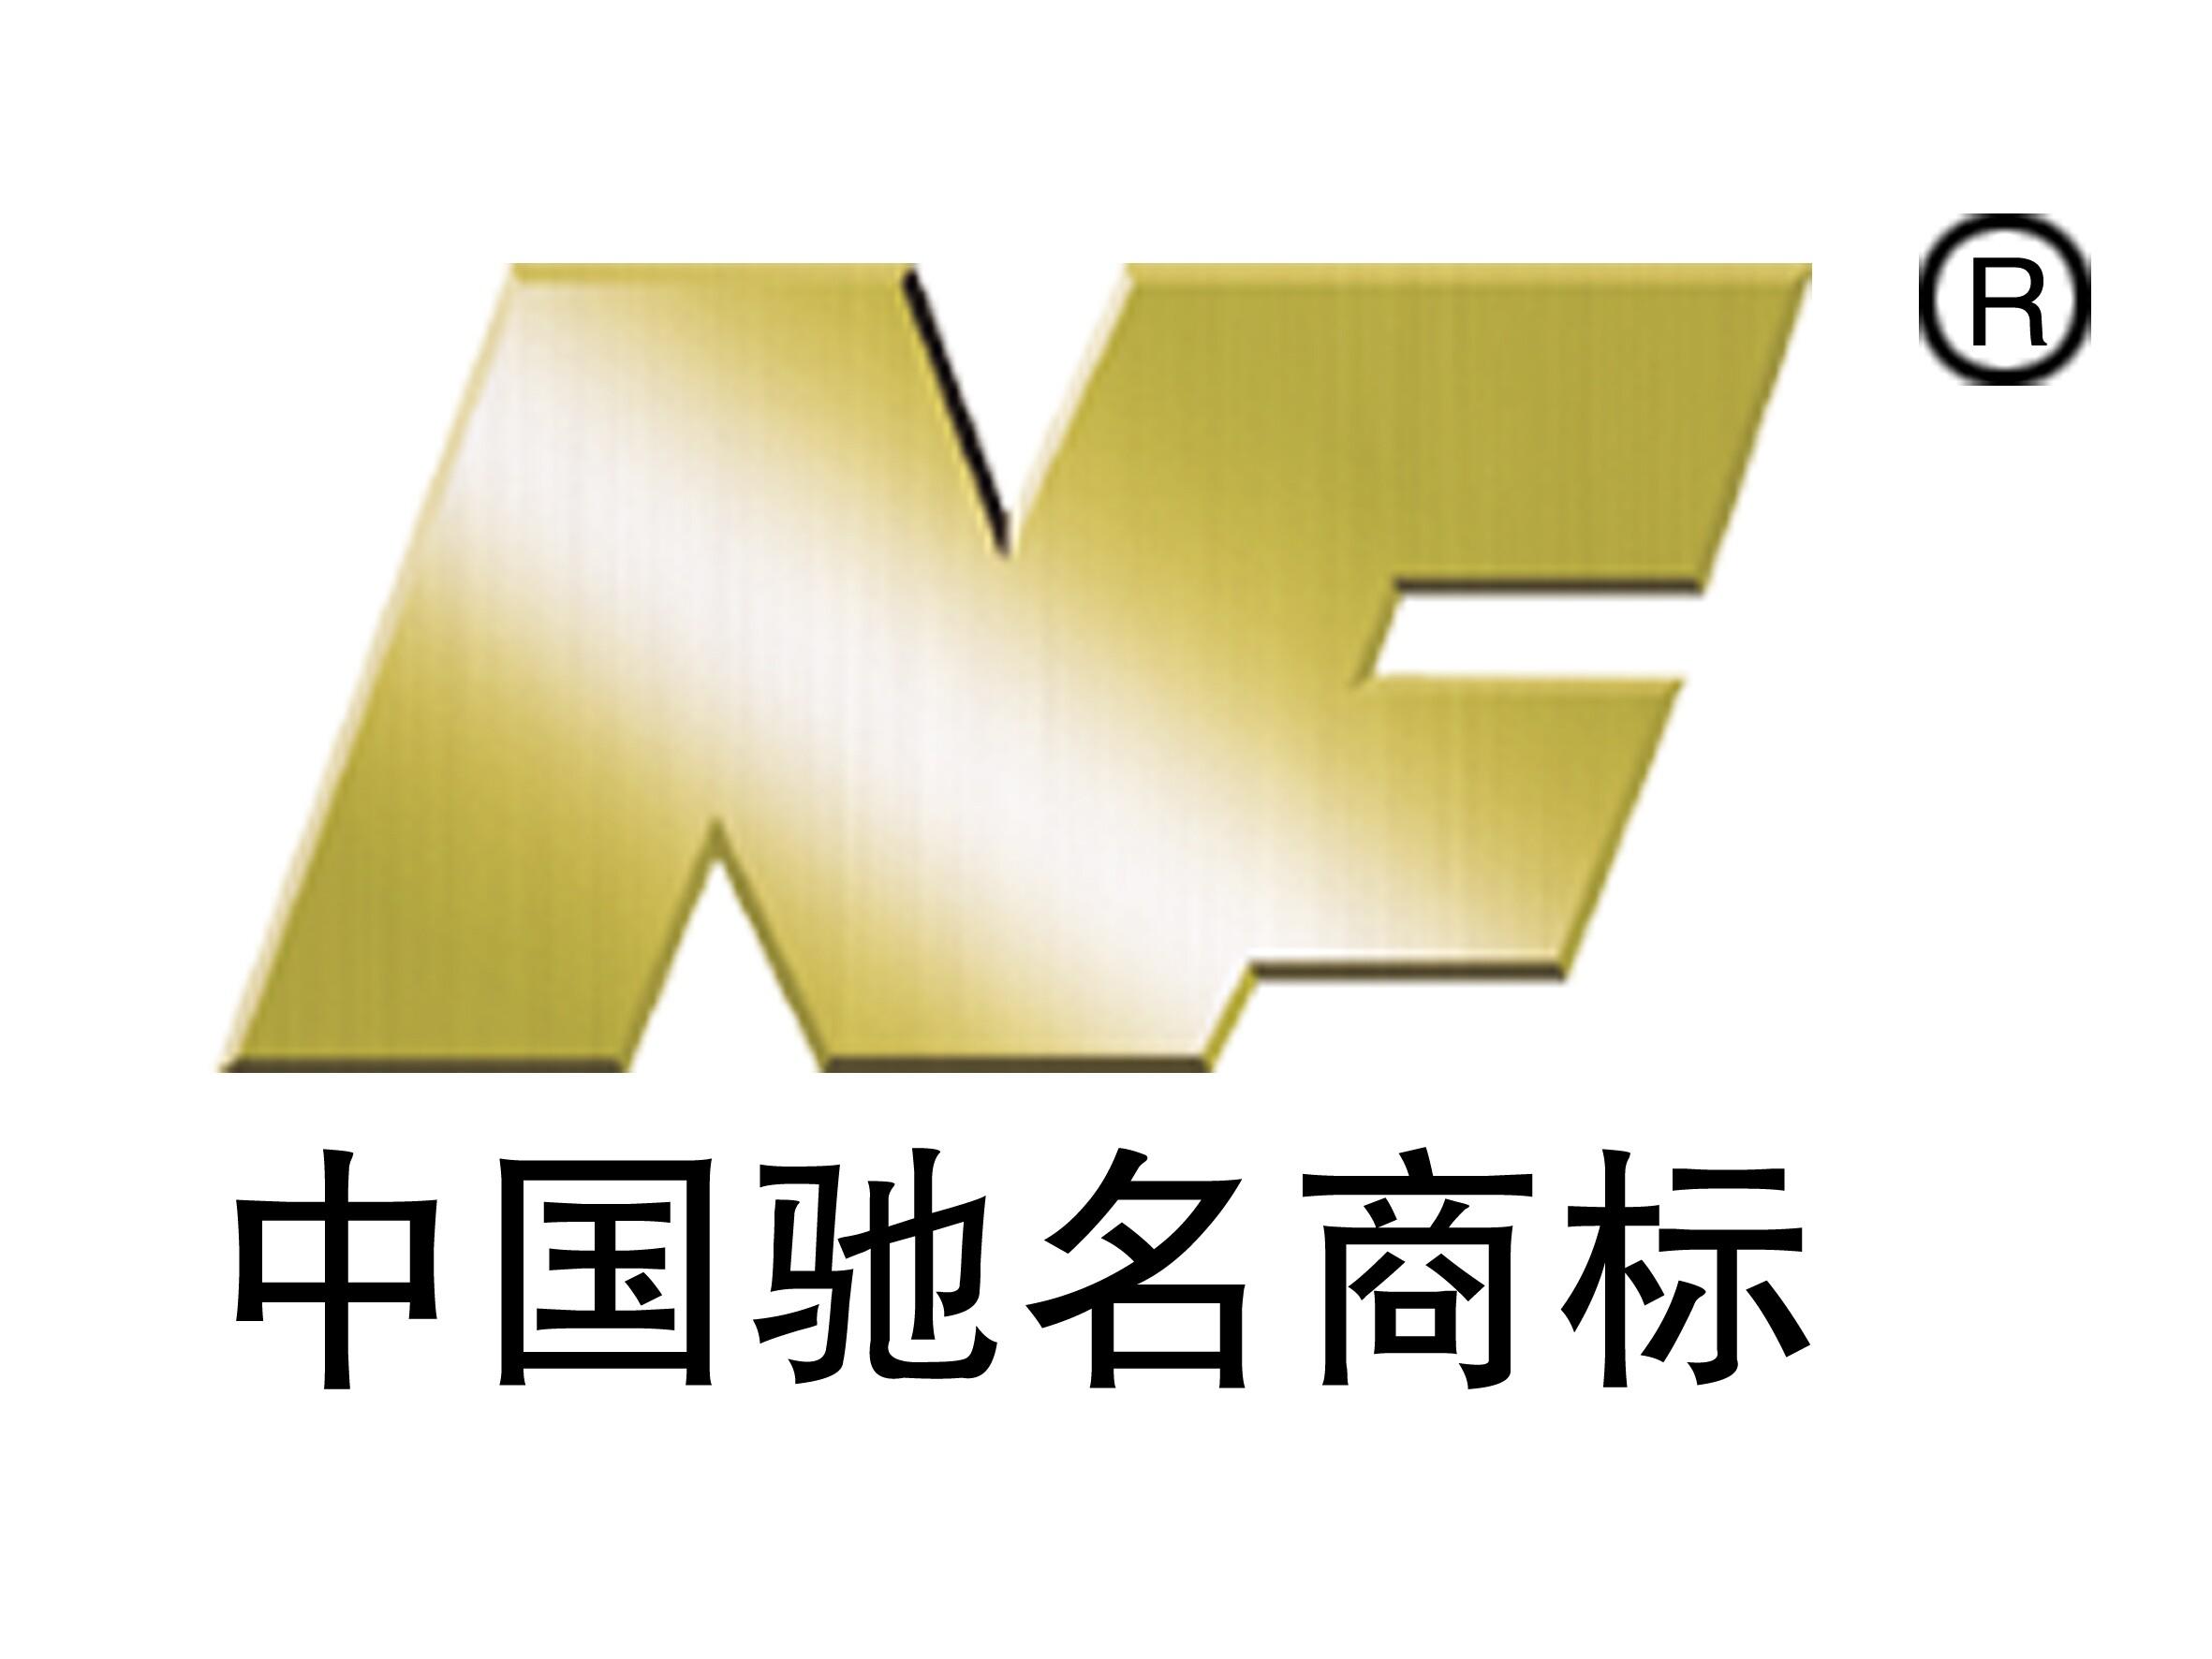 河北南风集团是一家集团化民营企业,现下设河北南风汽车设备集团有限公司、河北南风金属制品有限公司,河北深海电器有限公司、北京金南风国际贸易有限责任公司、共四家分公司。现河北南风汽车设备有限公司与德国正式合作,成立了合资企业。2011年南风集团NF被评为中国名牌、中国驰名商标,连续五年被评为河北省消费者信得过单位、重合同守信用单位,2006年被河北省科学技术厅授予高新技术企业认定证书、高新技术产品证书。 公司从事金属制品行业三十余年,现已发展成为占地150亩,拥有员工300余人,